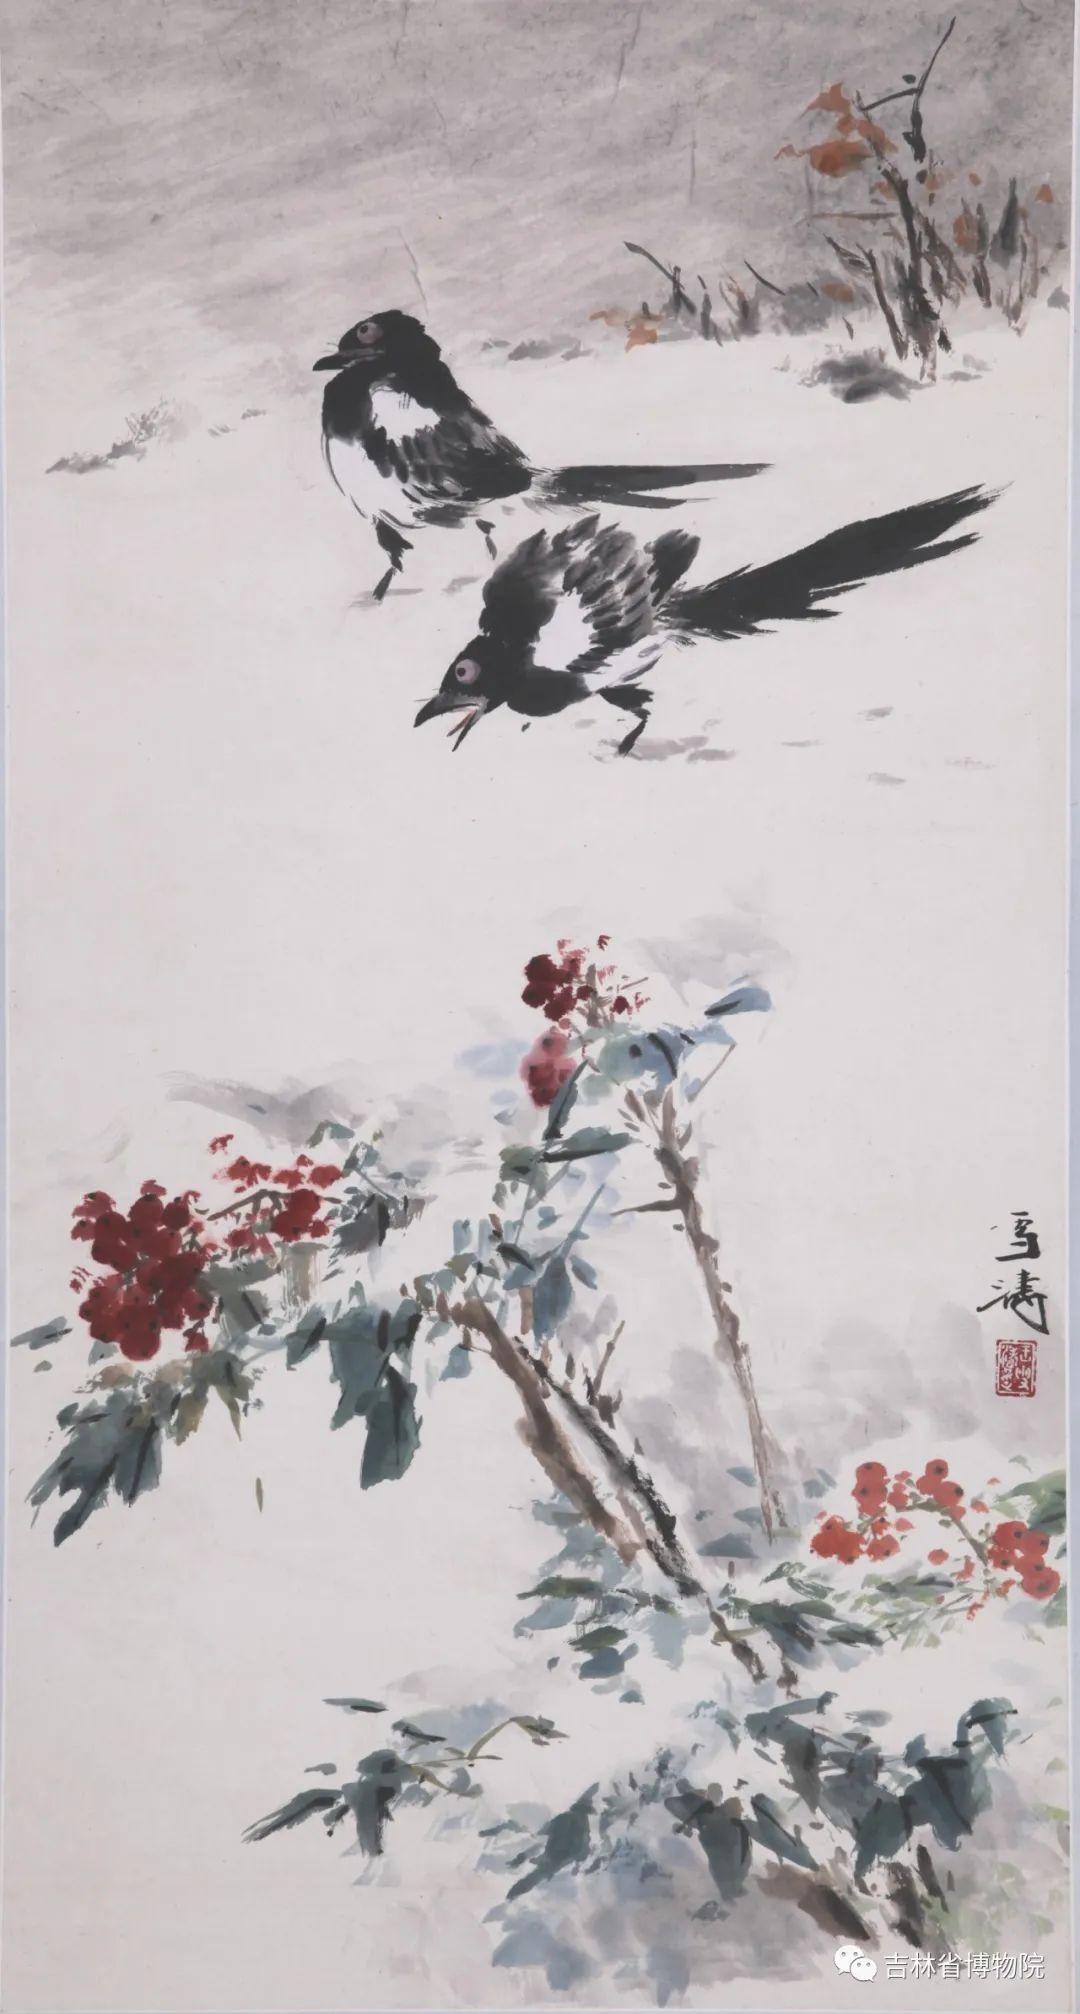 近现代 王雪涛《寒雪双鹊图》 纵84厘米 横44厘米